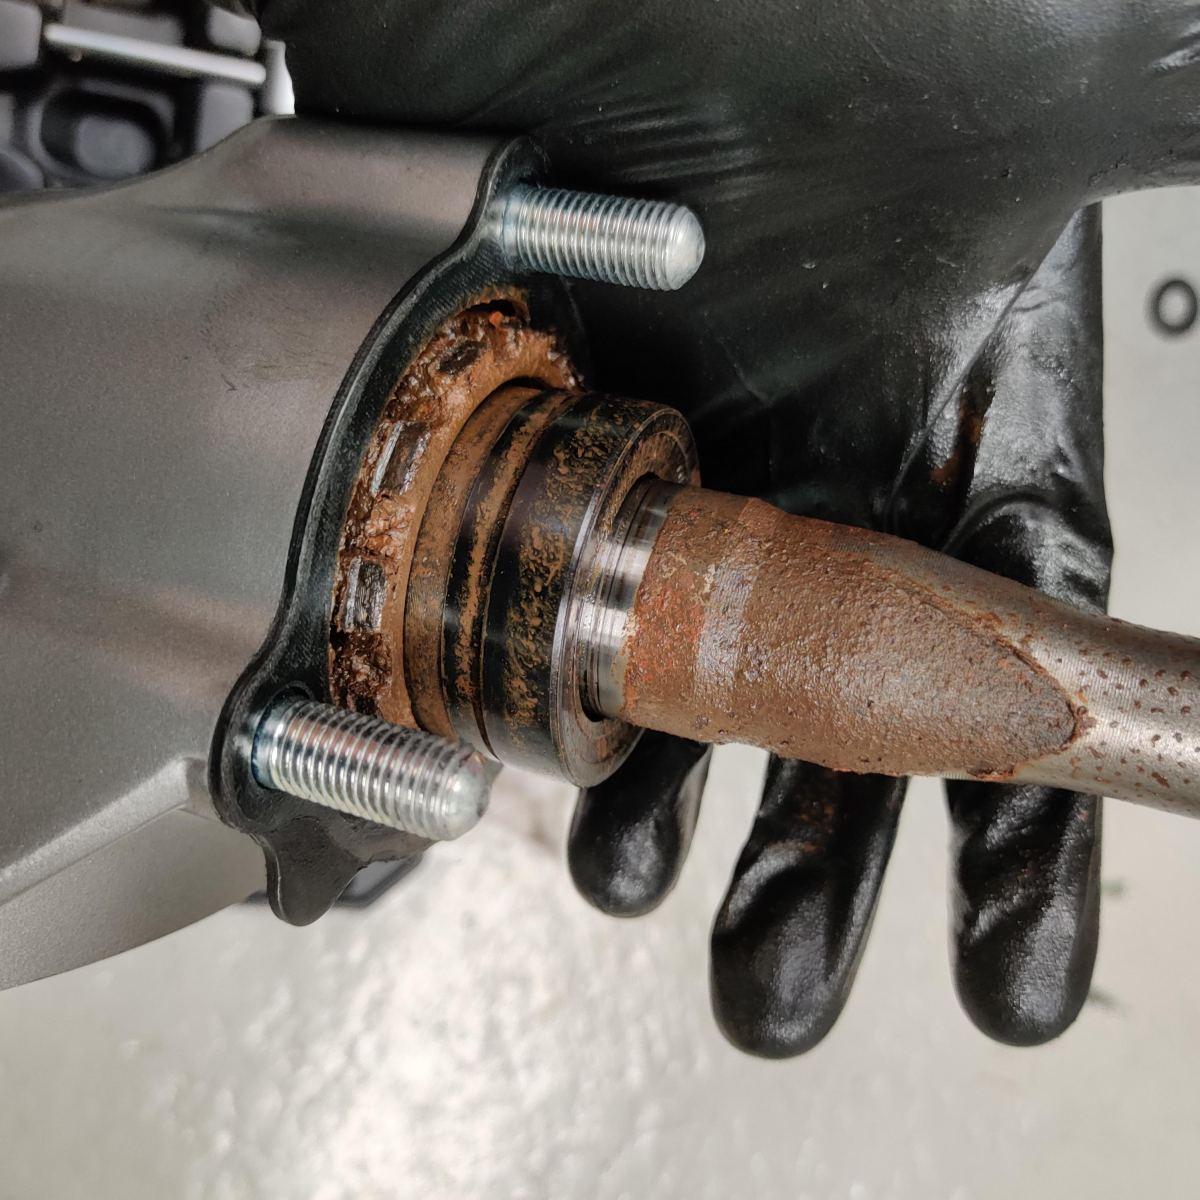 Suzuki Boulevard M50 / Intruder M800 shaft drive rust issue